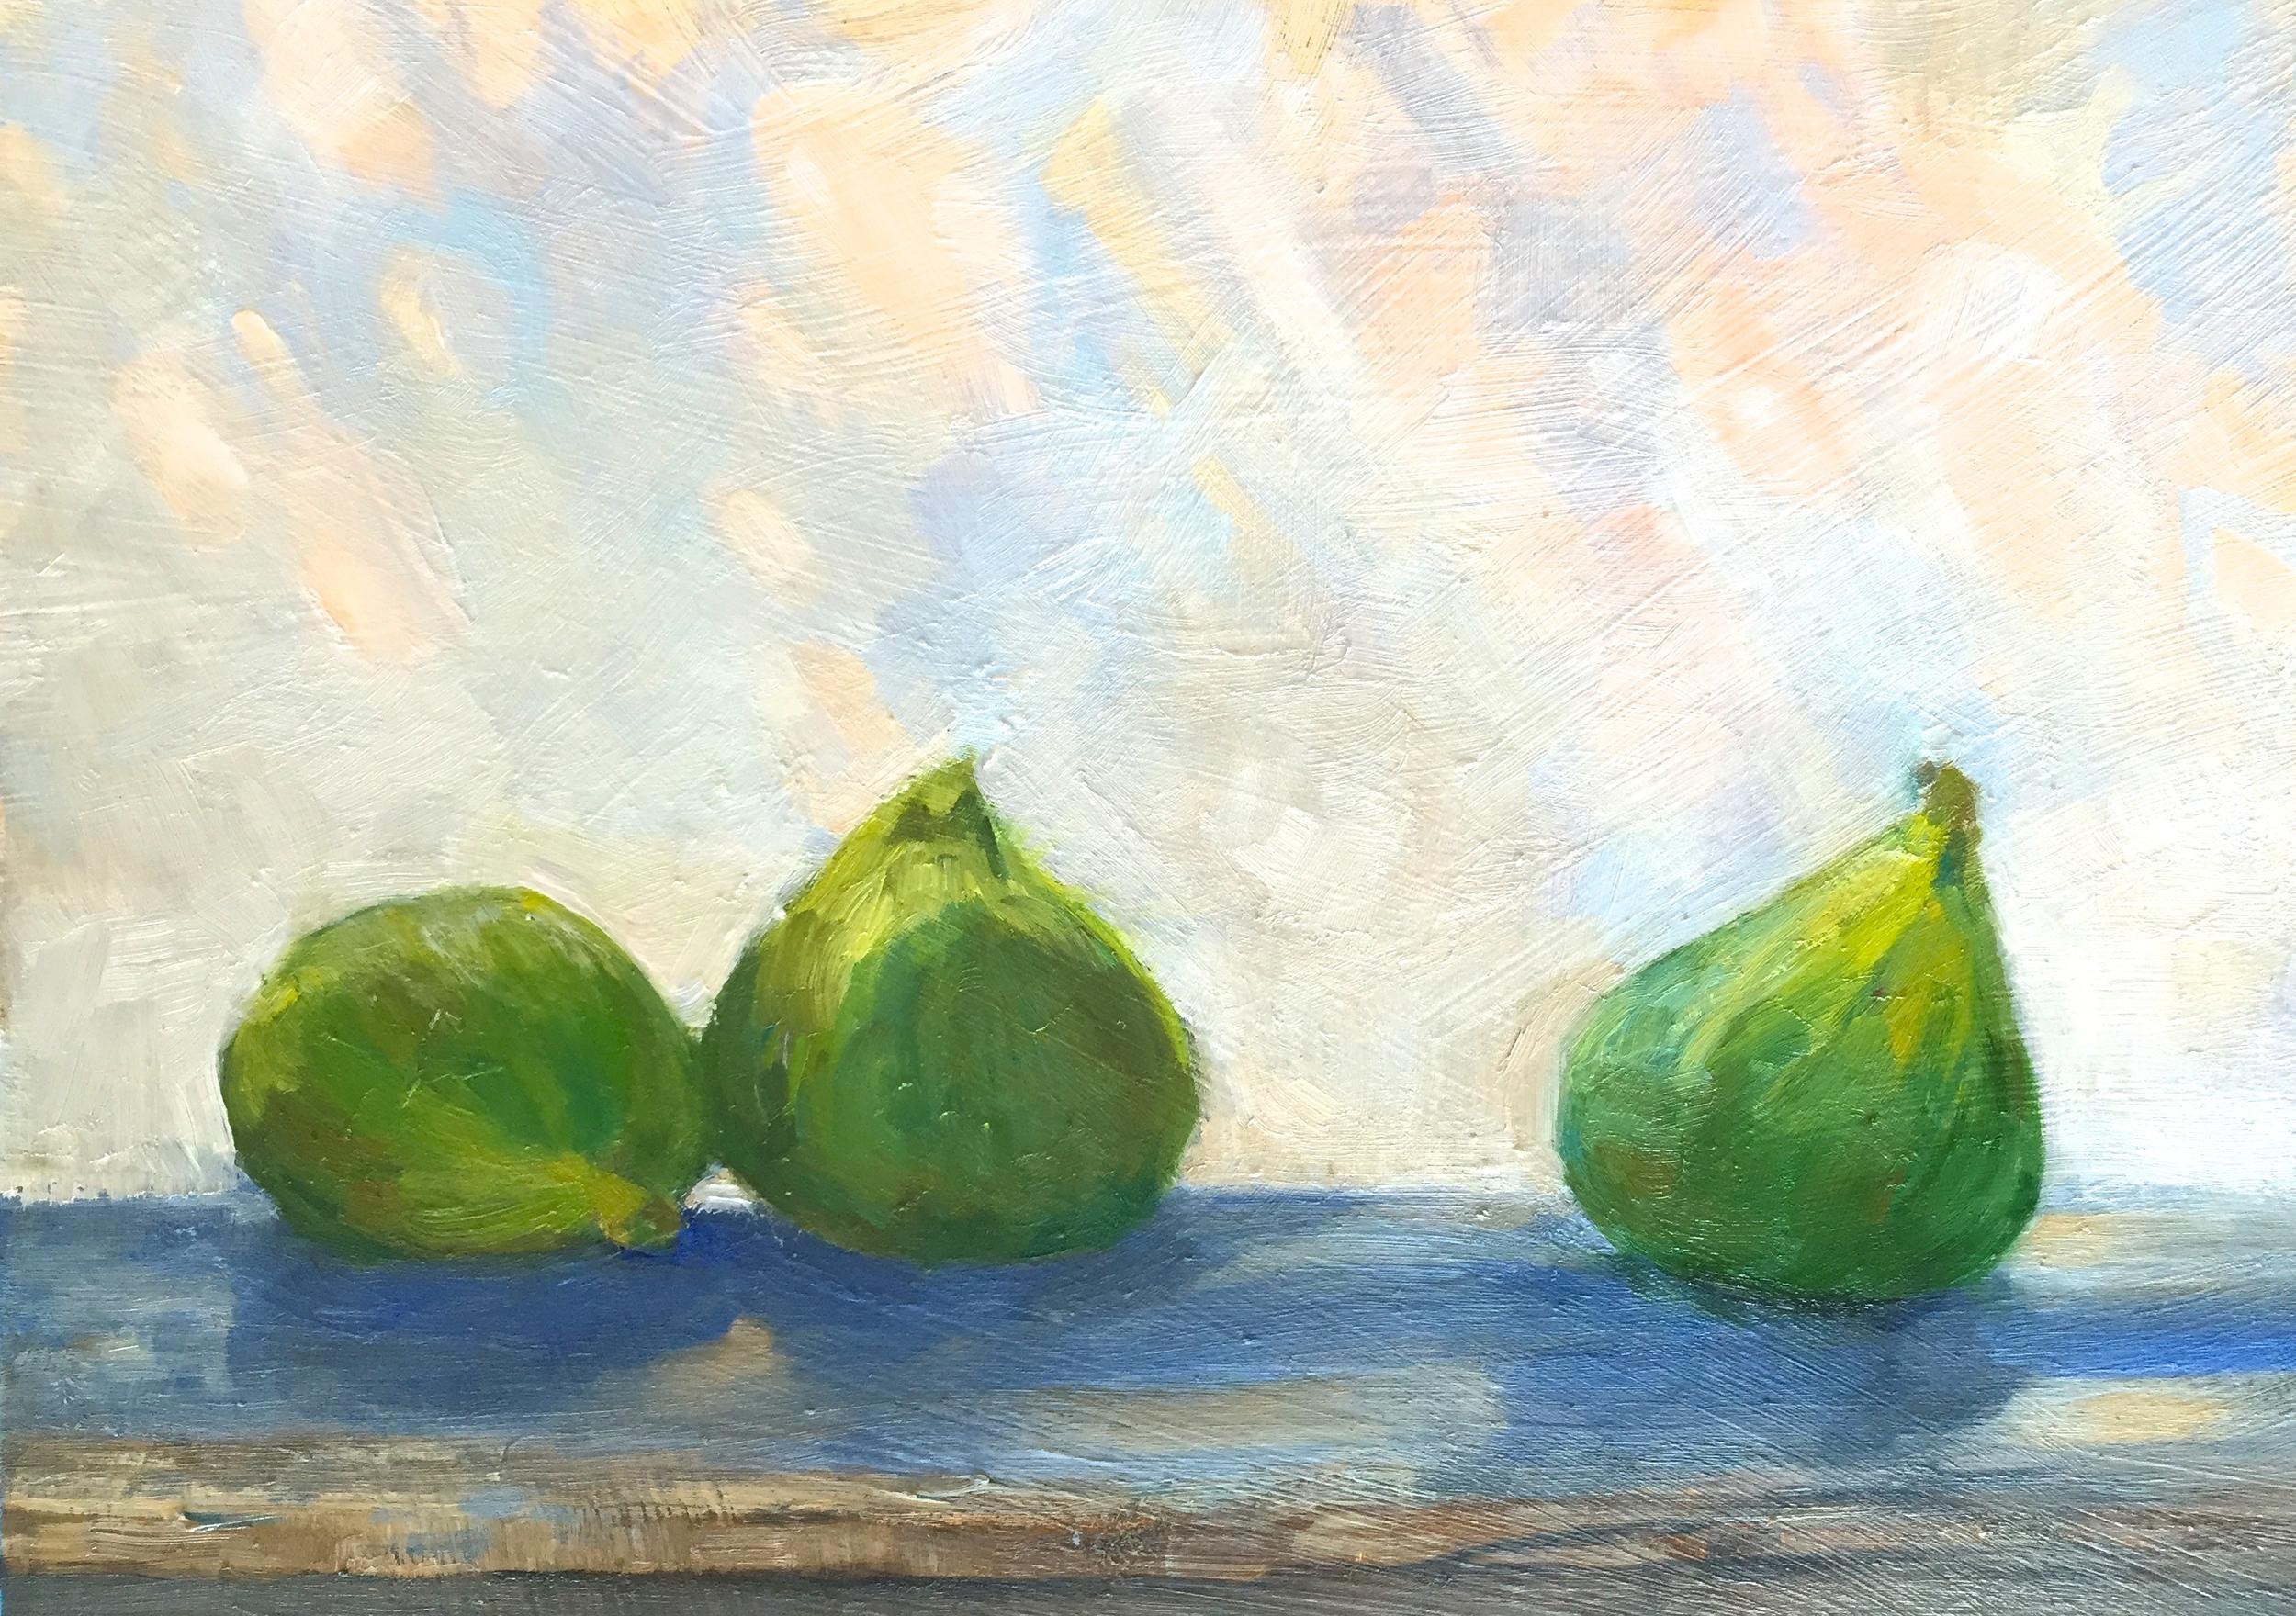 Mayatika, first figs of summer